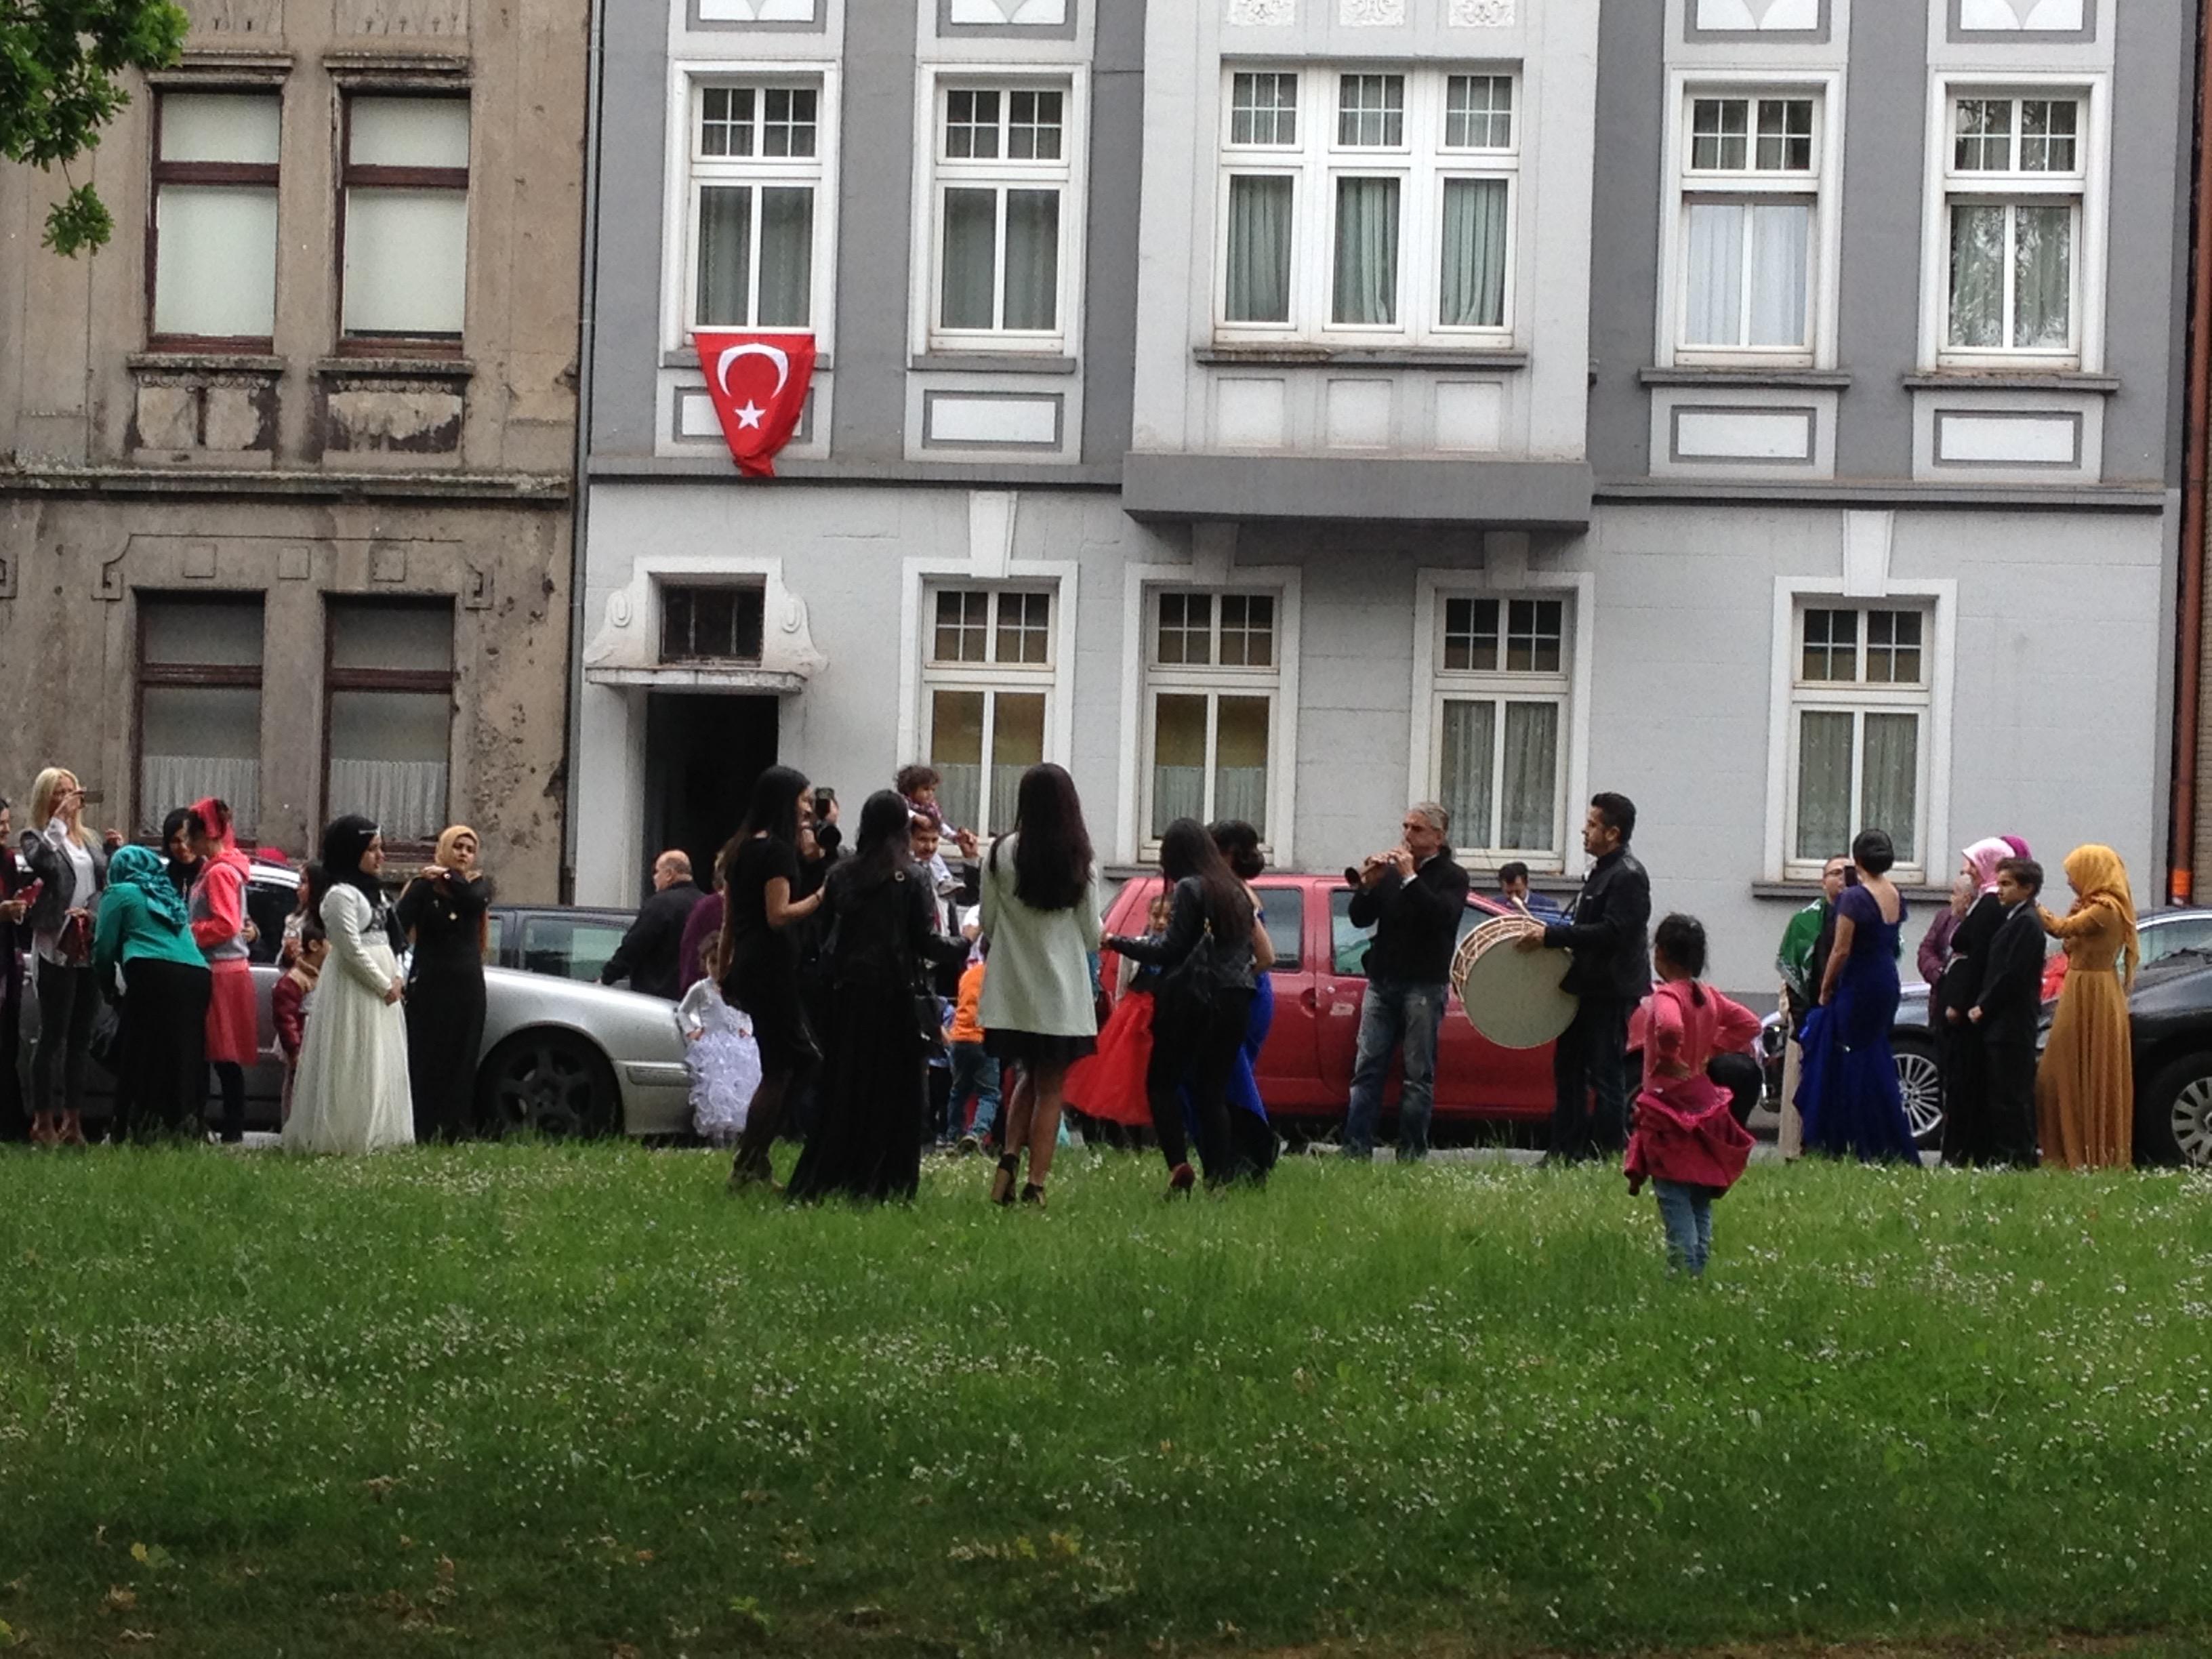 Vielleicht, weil eine türkische Hochzeit so viel Freude macht!